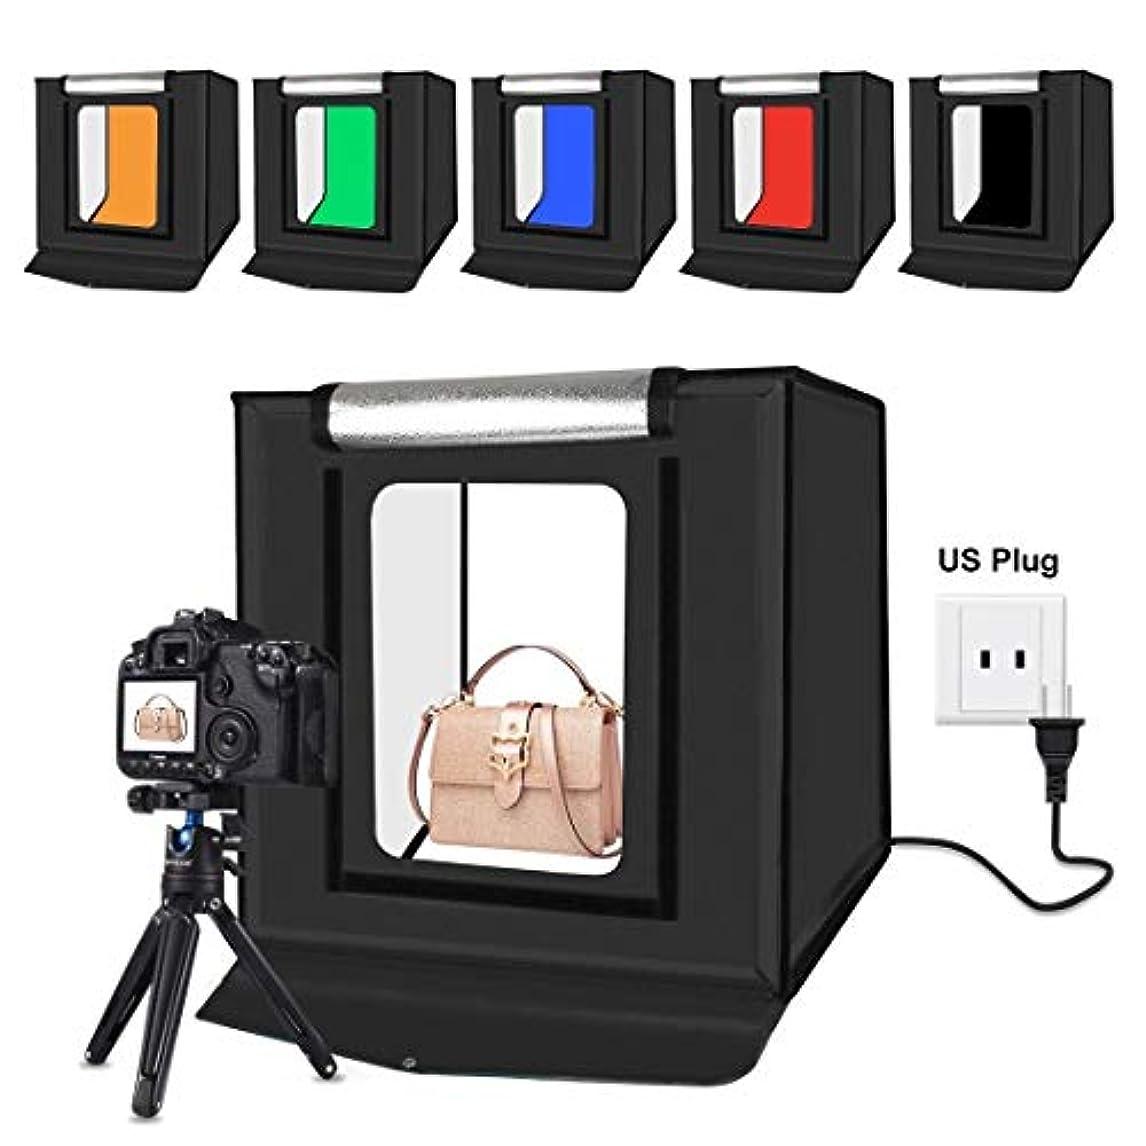 パーセント皮肉な薄めるGM ライトボックス写真, 40cm折りたたみポータブル30W 5500K白色光写真照明スタジオ撮影テントボックスキット、6色背景(黒、オレンジ、白、赤、緑、青) (色 : Color5)